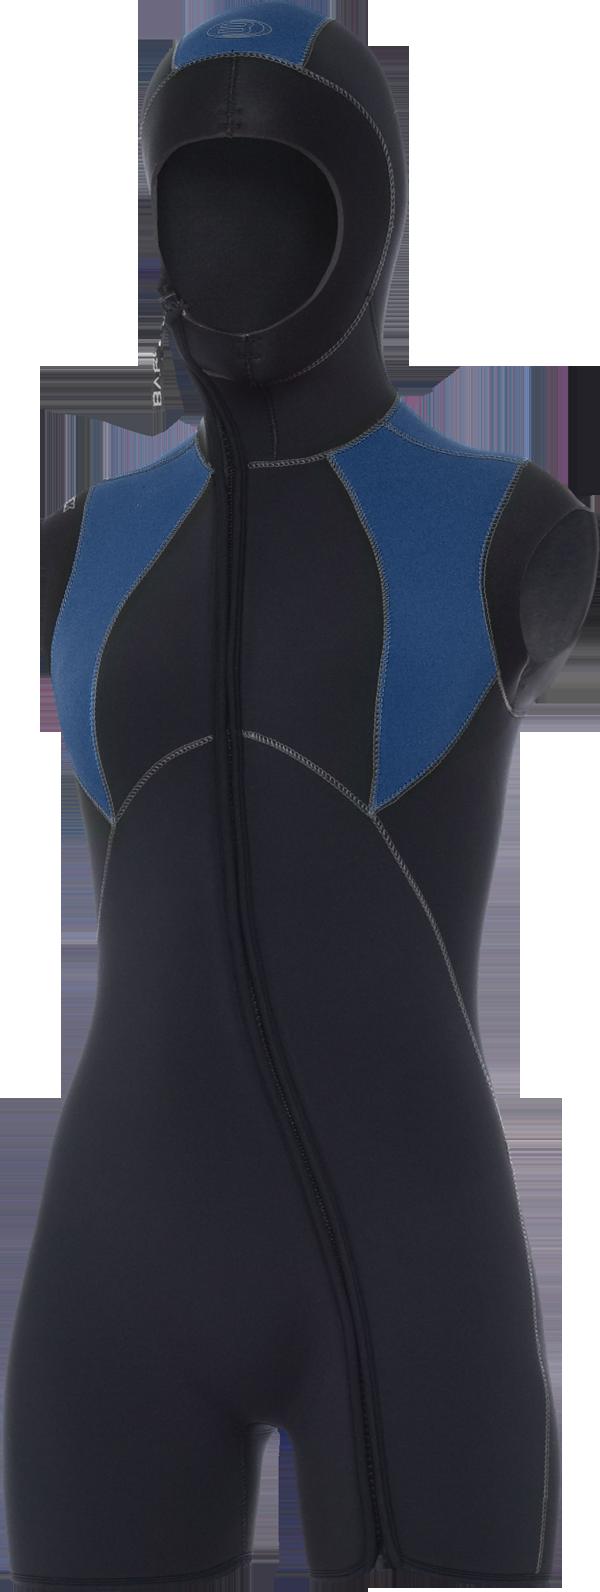 7mm Elastek Step-In Hooded Vest - Women (2011)